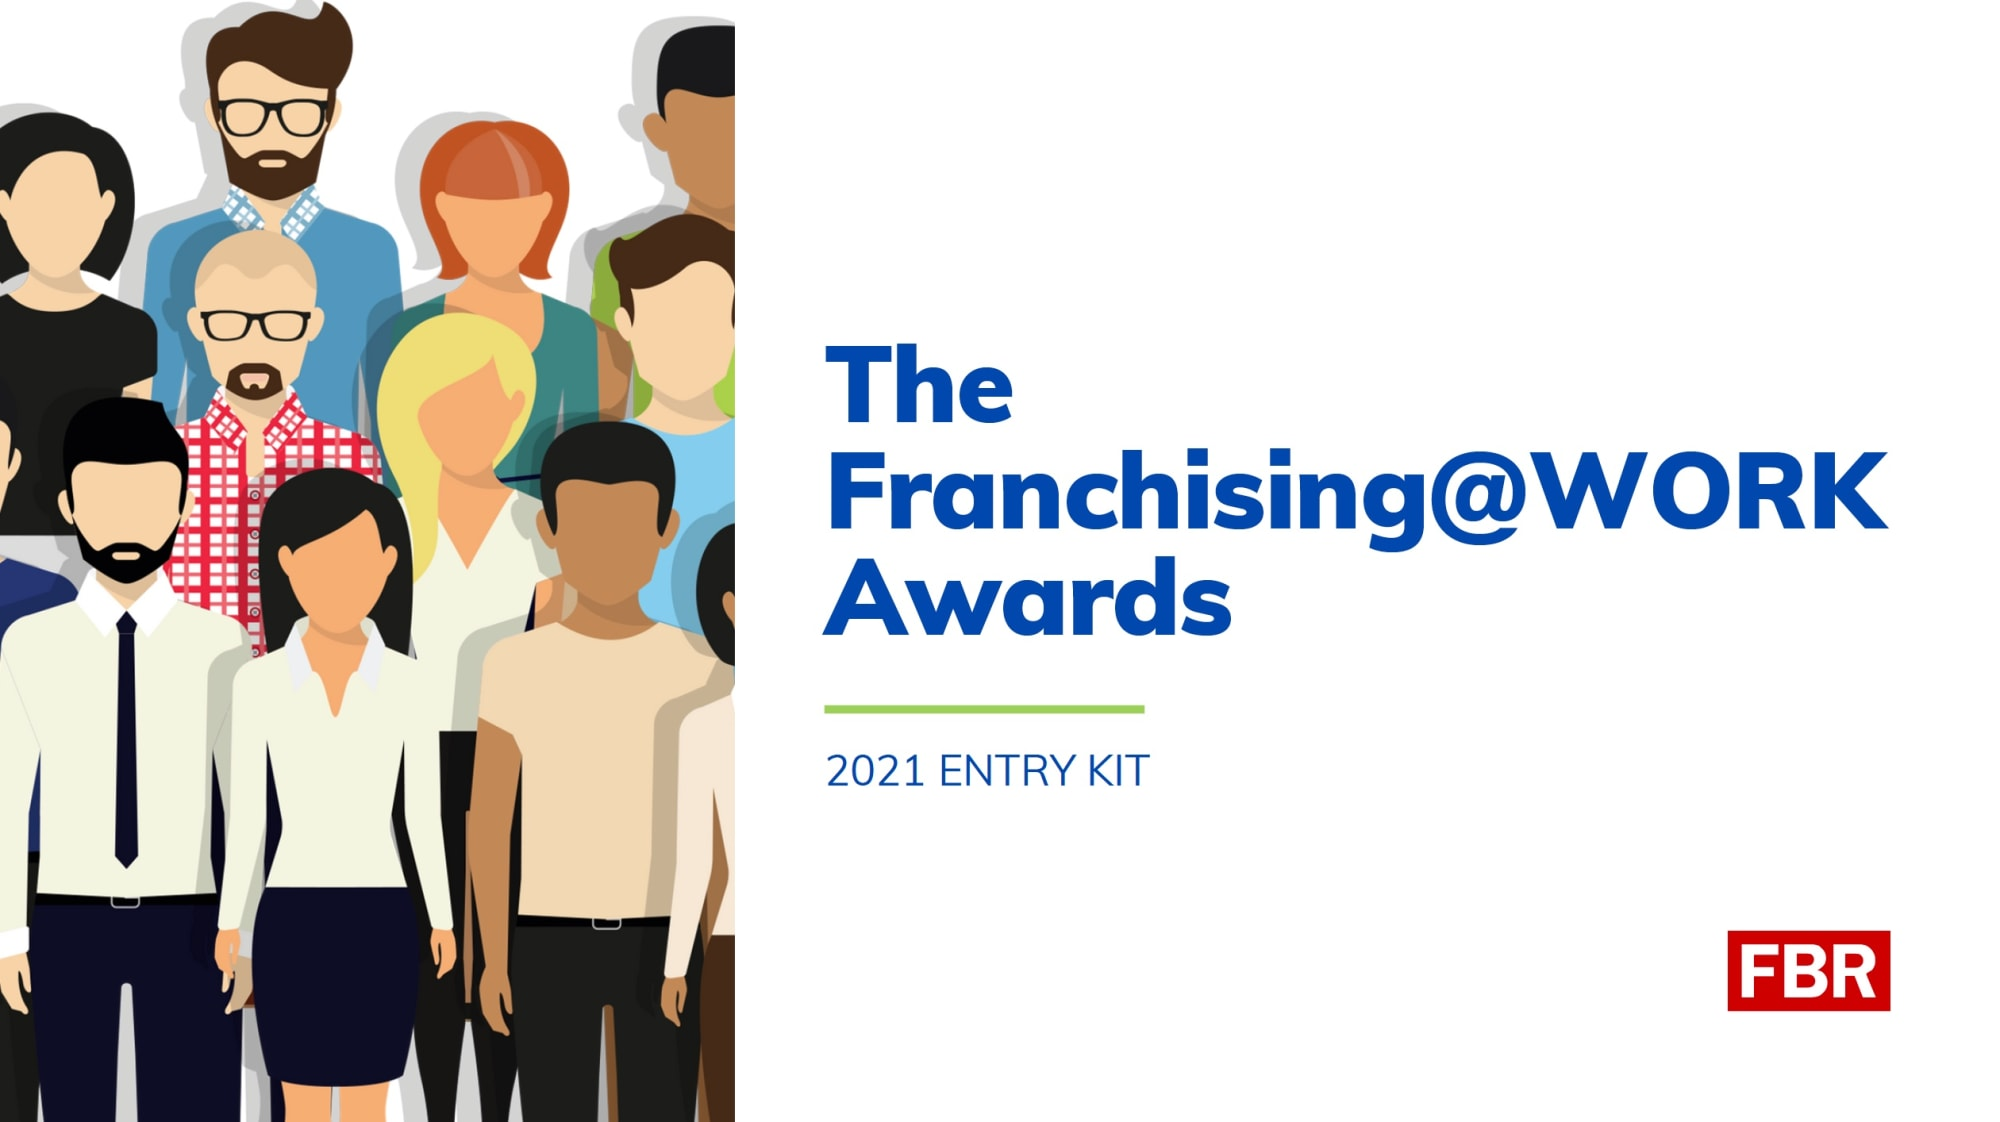 Franchising@WORK Awards Entry Kit